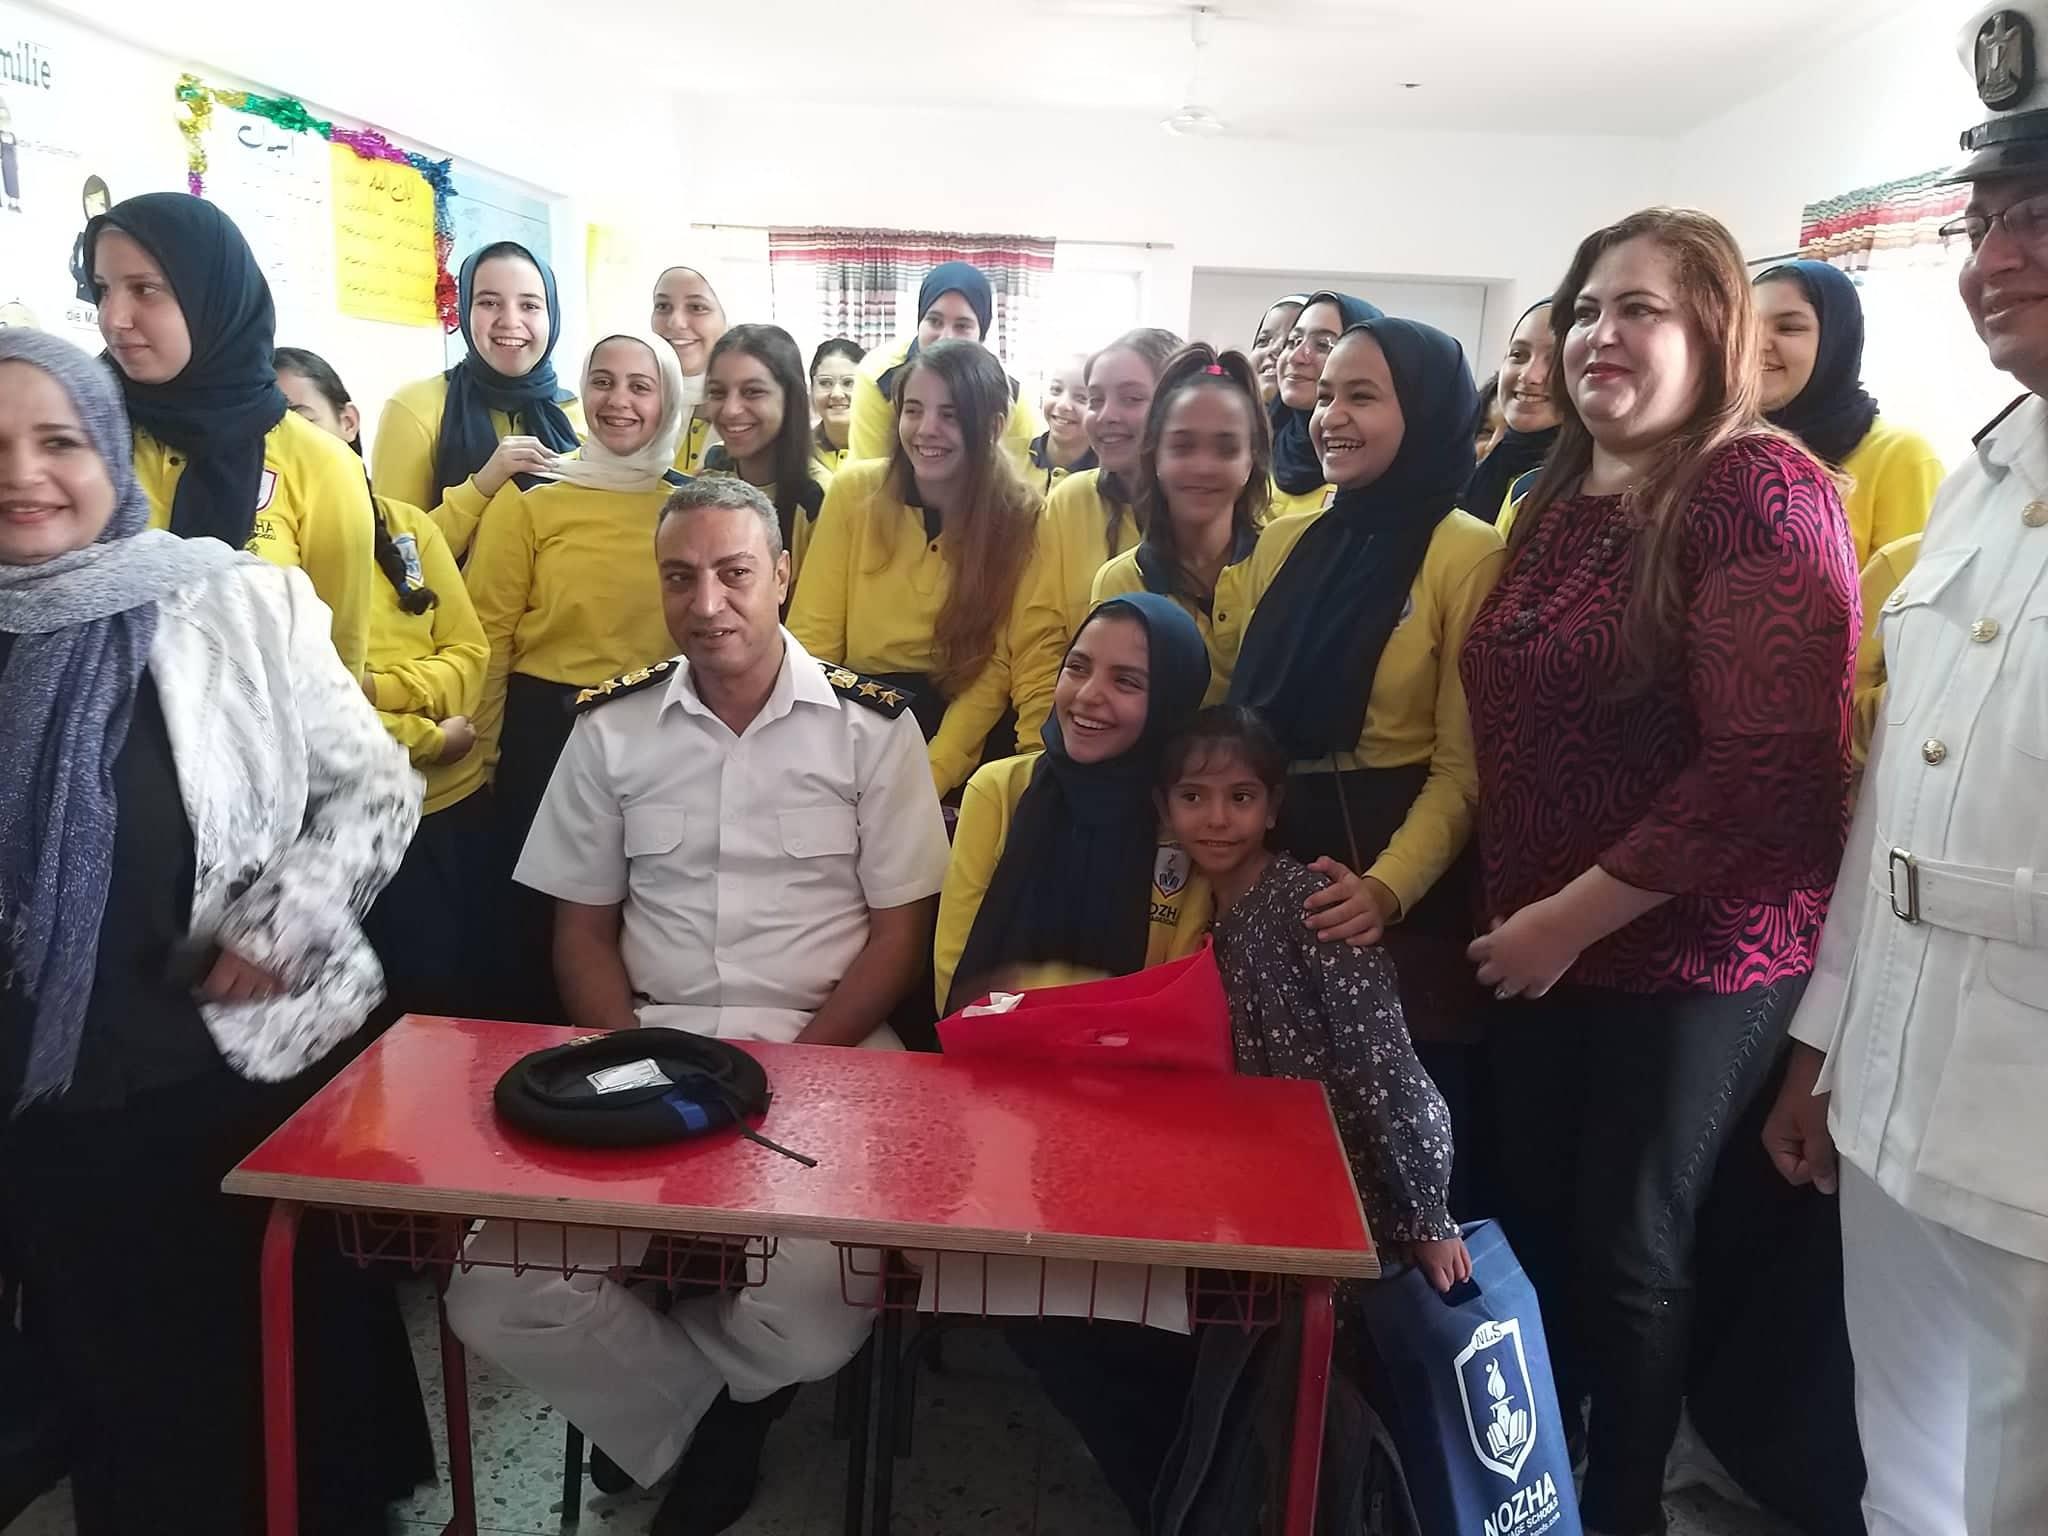 ضباط فى مدرسة بنات الشهيد هشام عزب  (4)